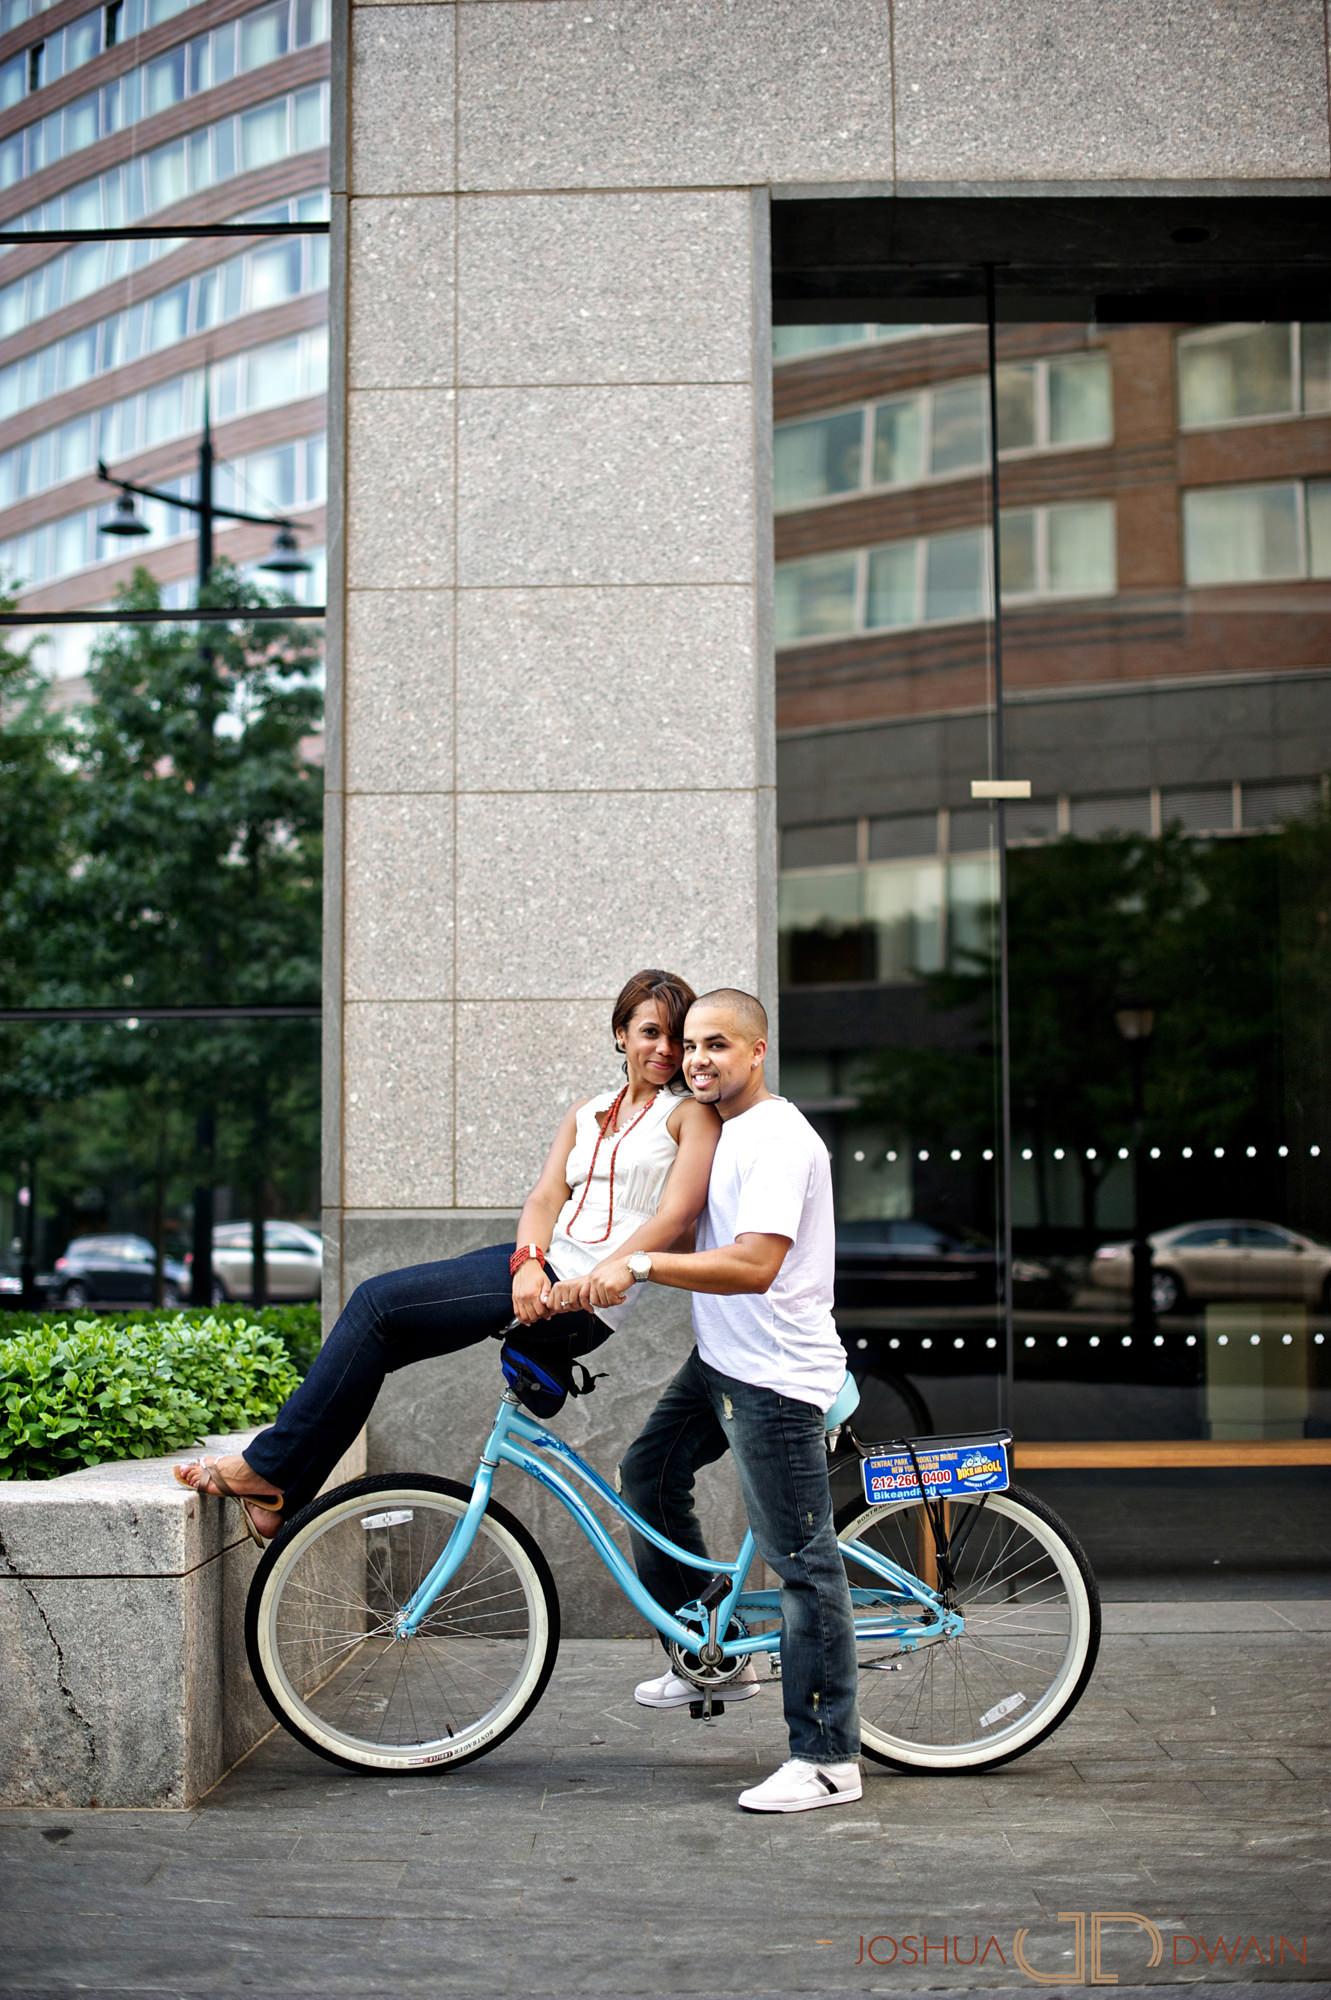 carolina-hector-006-battery-park-citynew-york-ny-engagement-photographer-joshua-dwain-20100724_ch_142